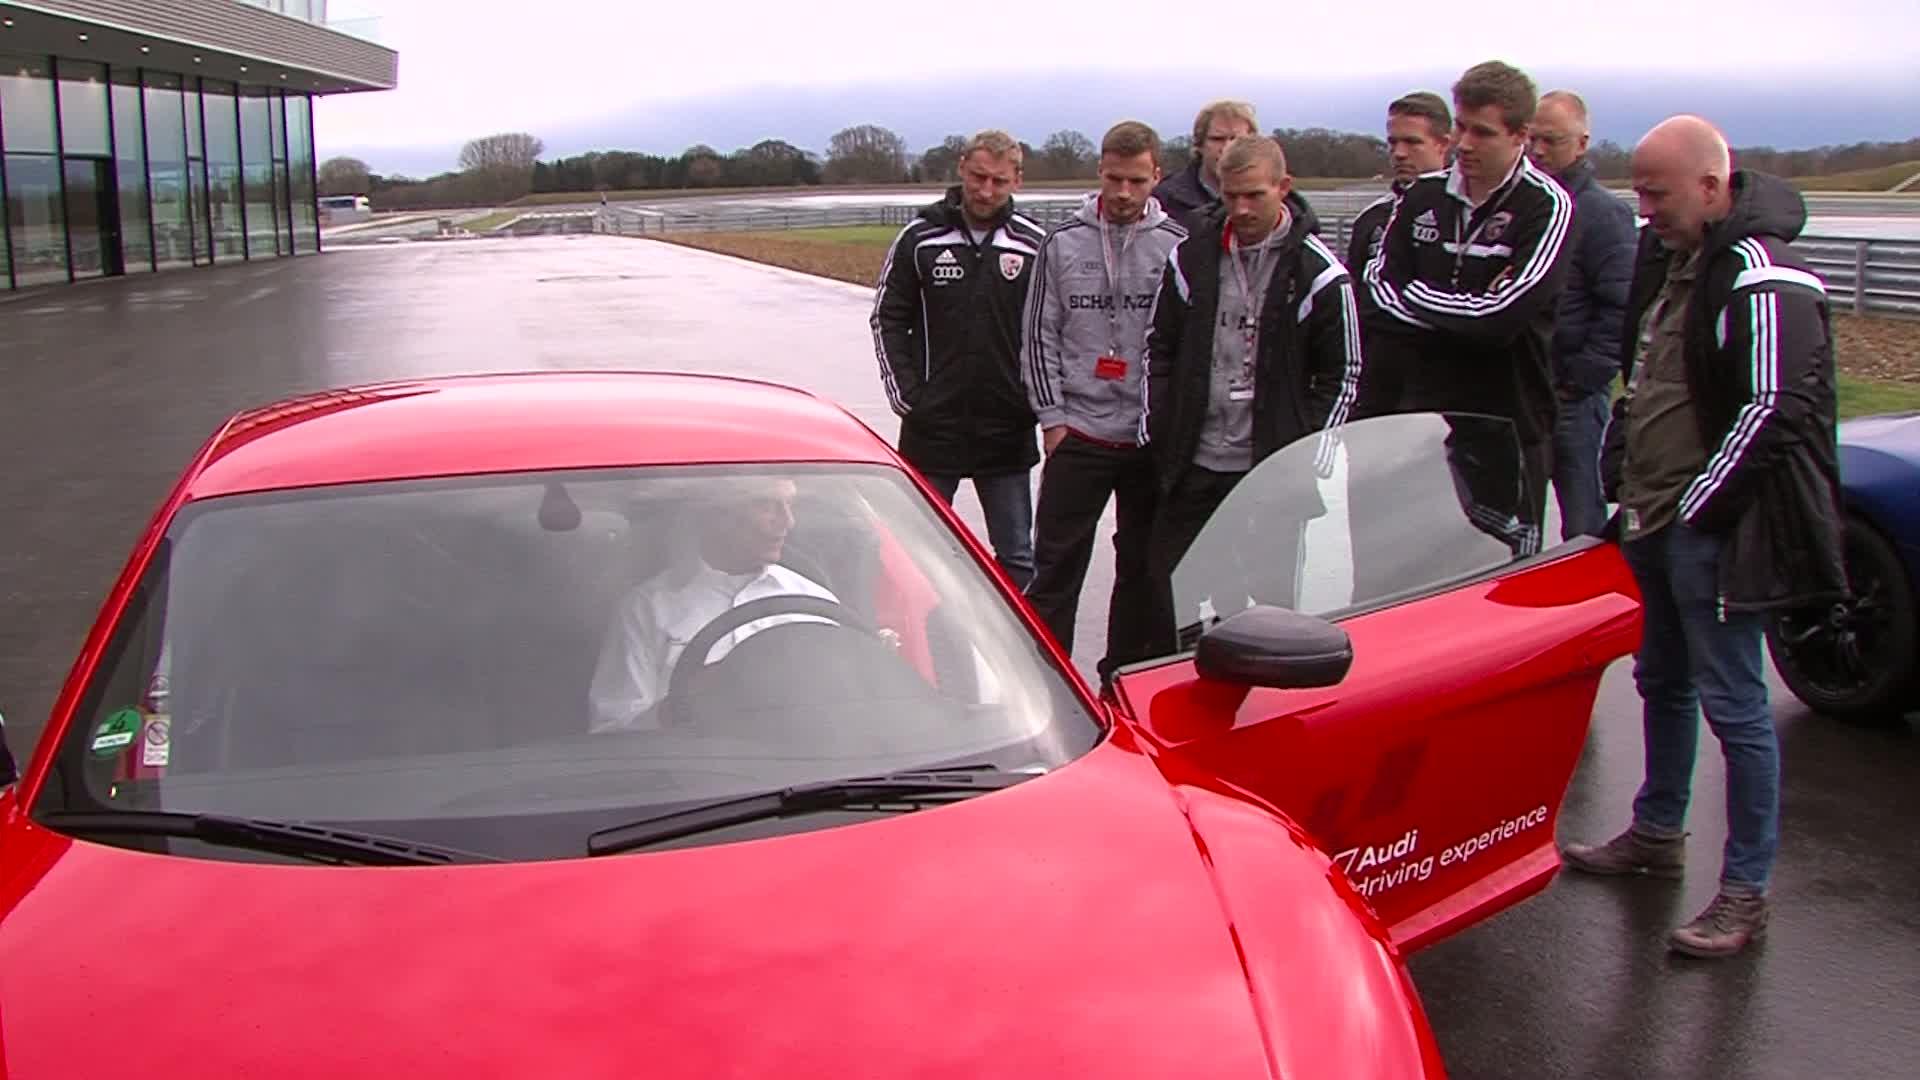 FC Ingolstadt 04 absolviert Audi driving experience